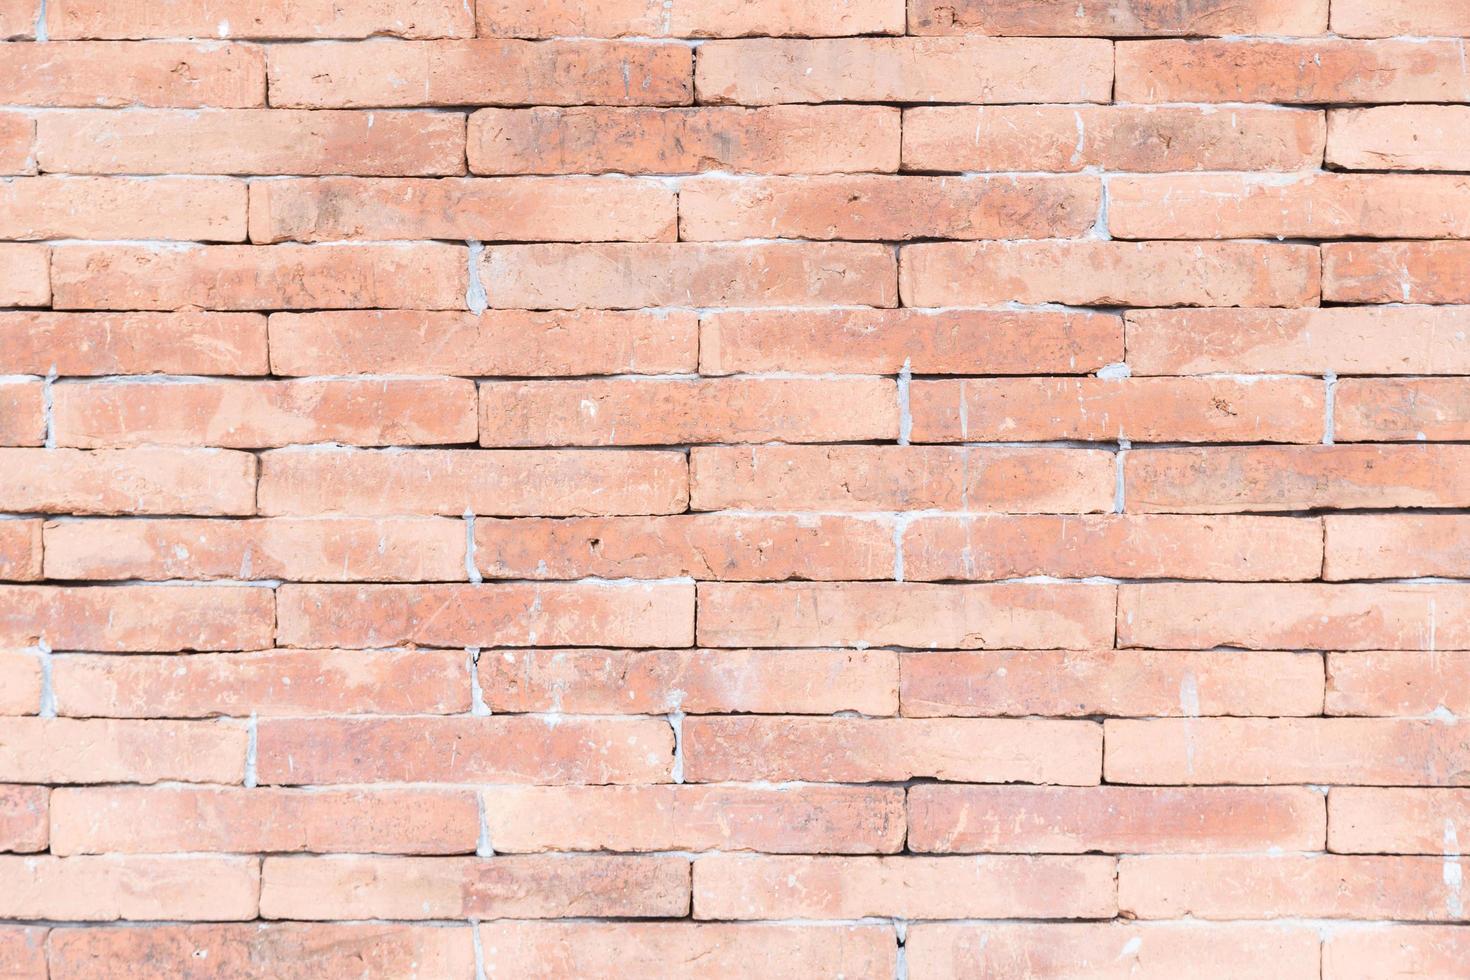 rode bakstenen muur achtergrond foto